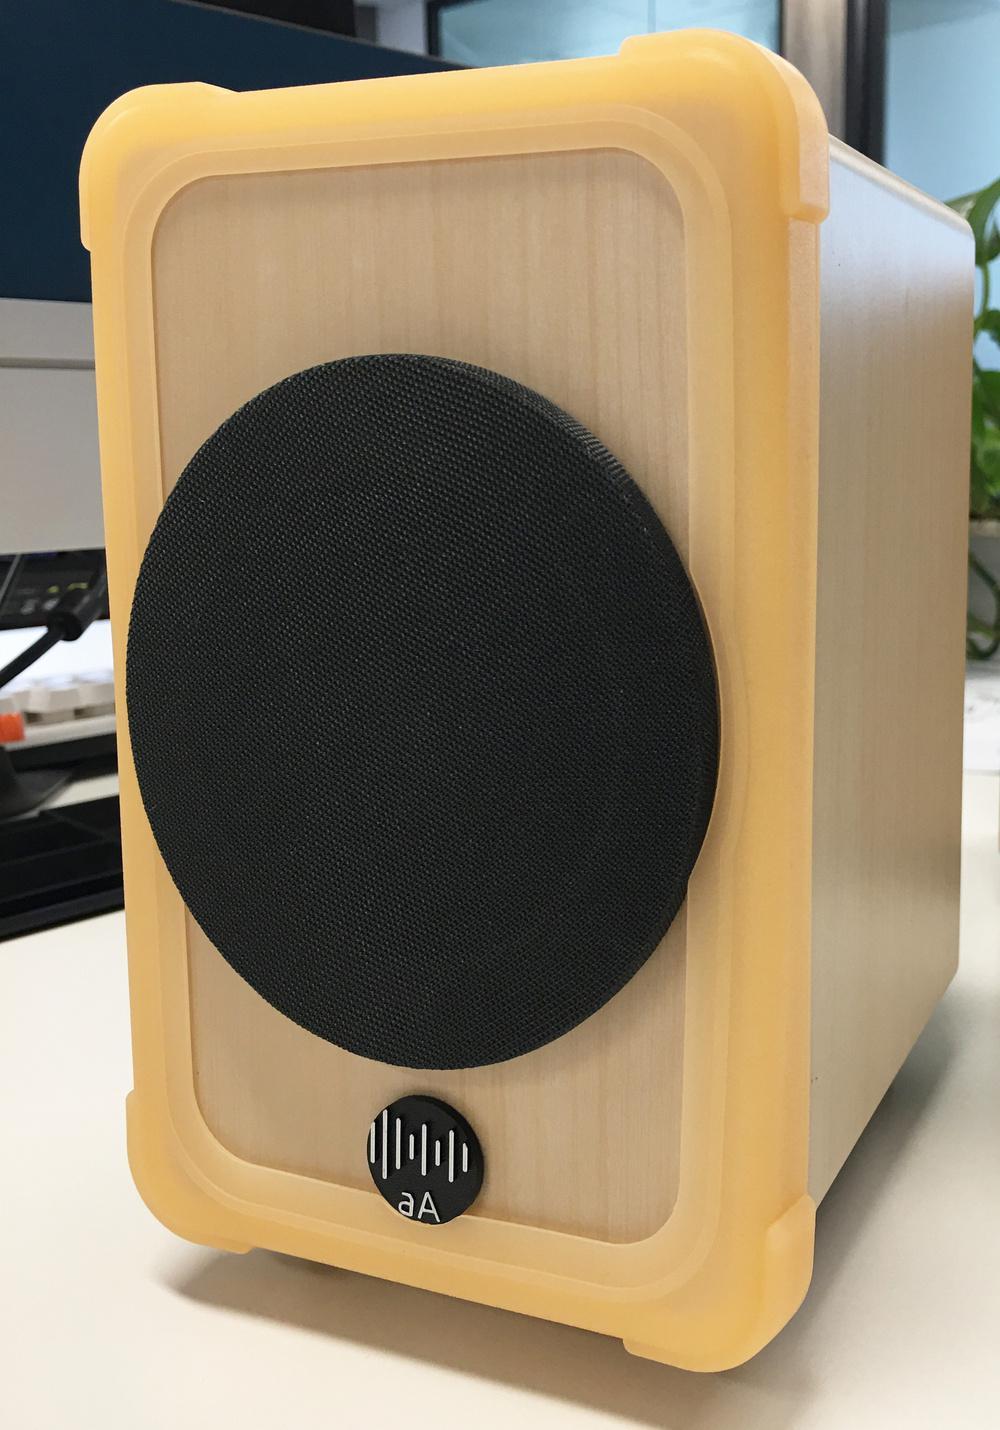 博元电声 ANGEL 3 测评:揭开声音的通透之秘